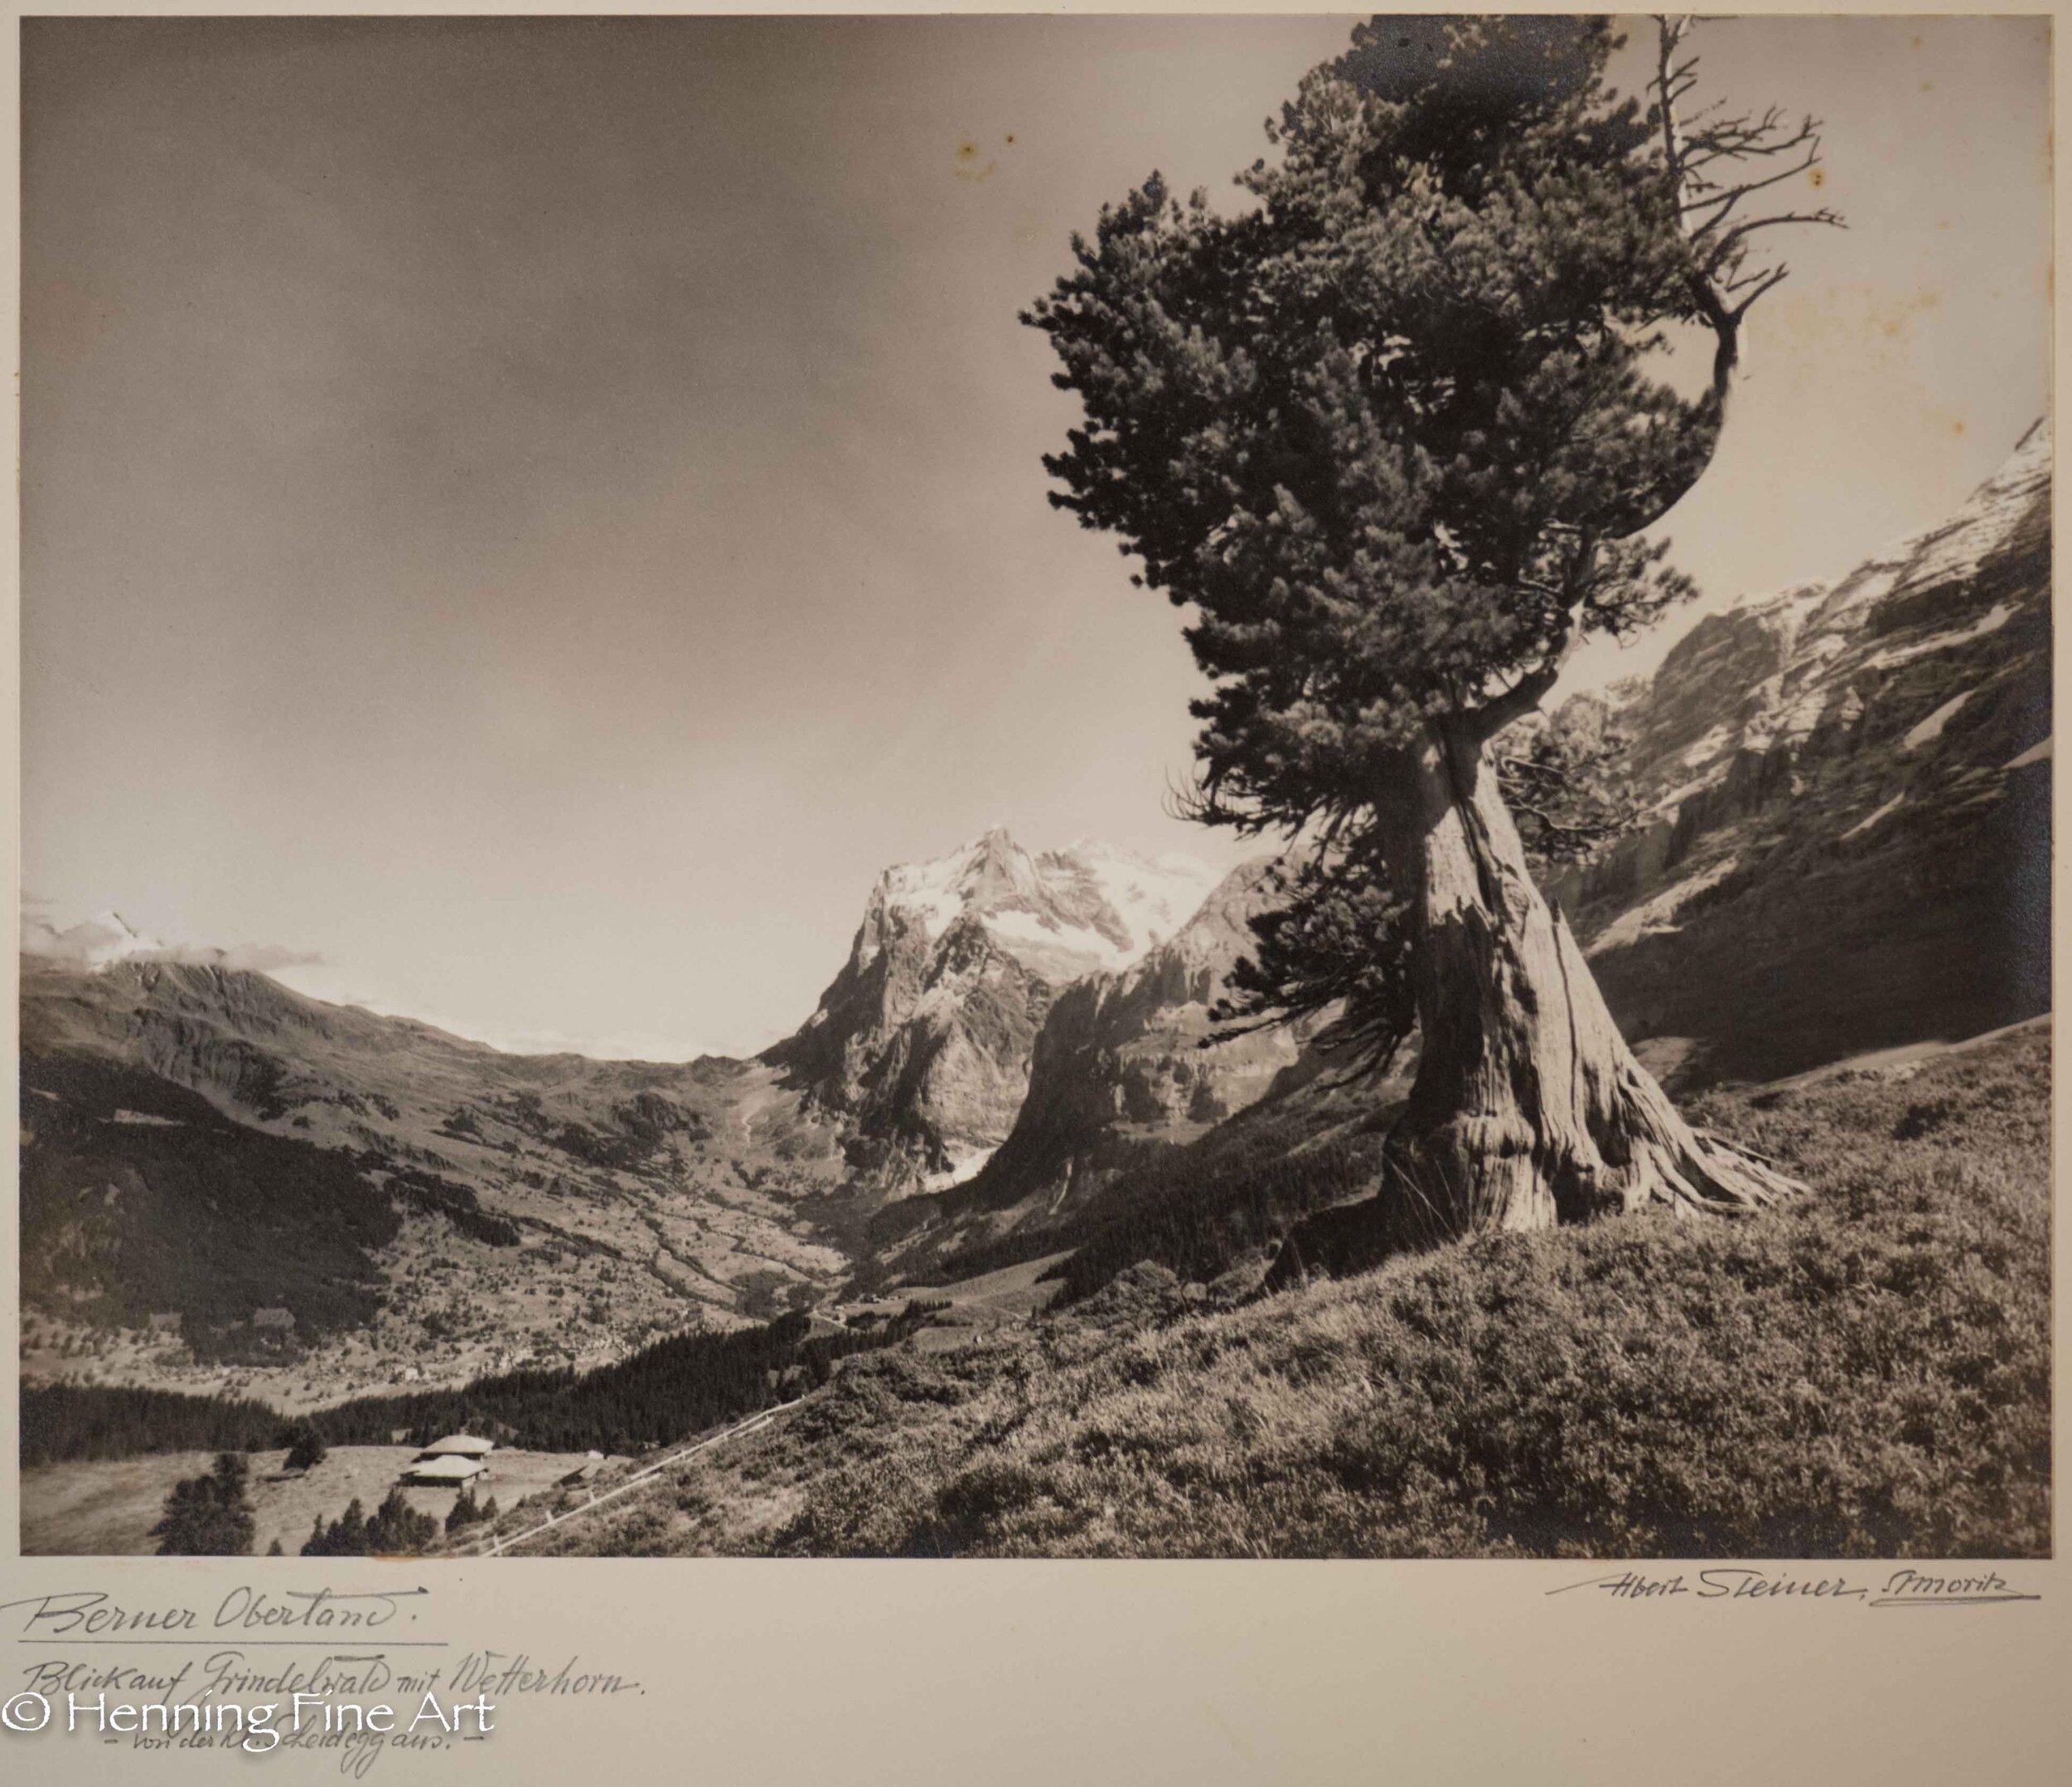 """Albert Steiner (1877 - 1965) """"Berner Oberland. Blick auf Grindelwald mit Wetterhorn. - von der Kl. Scheidegg aus.-""""  Image (6-8)"""